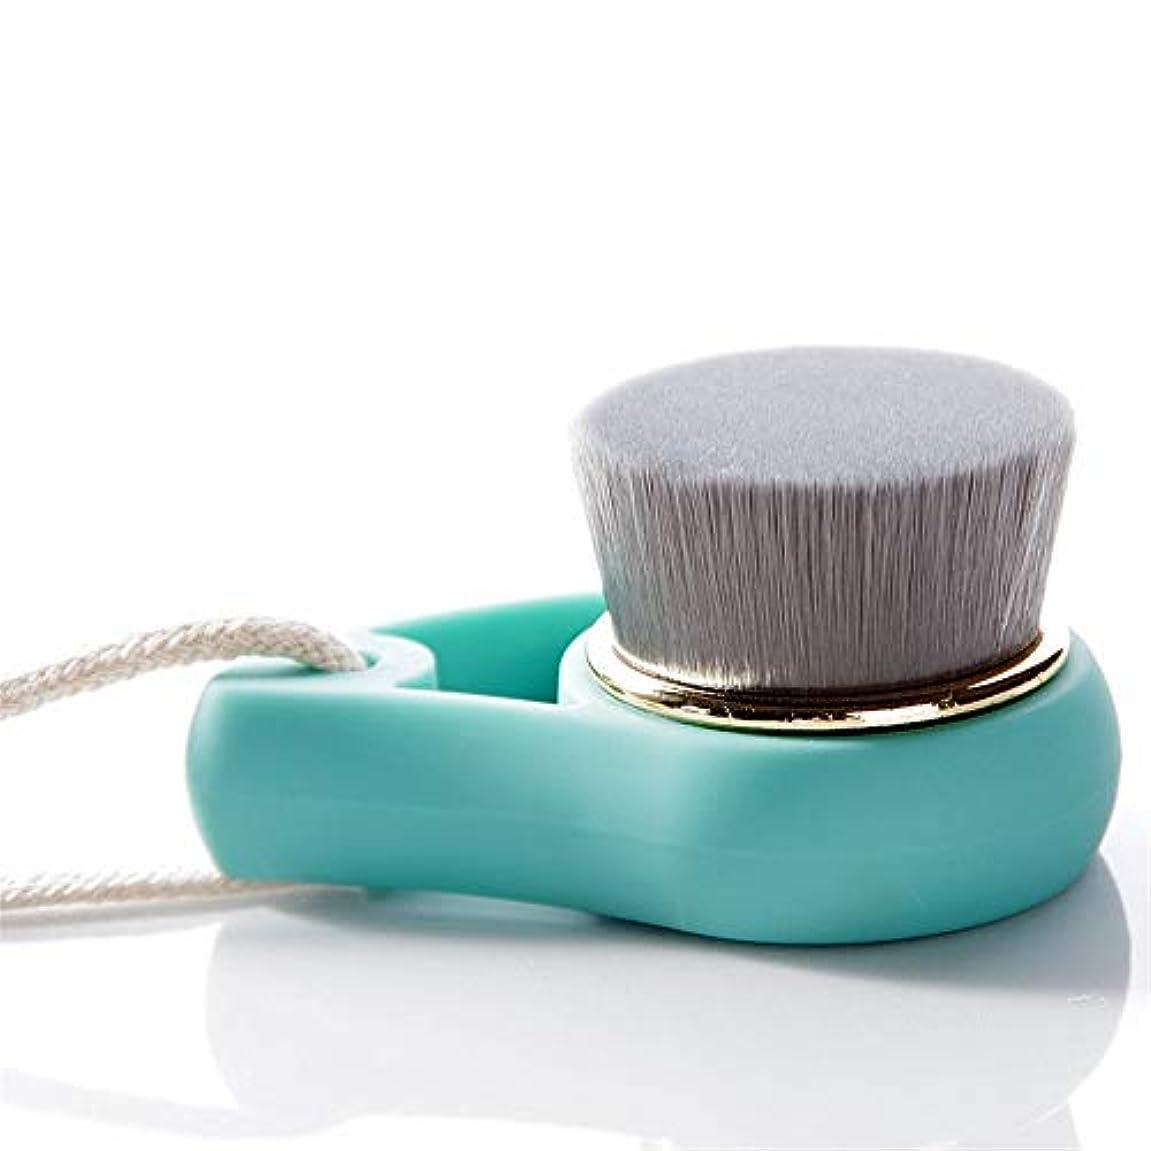 こしょう地域マサッチョ洗顔ブラシ ソフト剛毛フェイスクリーニング美容ブラシ女性のクレンジングブラシ ディープクレンジングスキンケア用